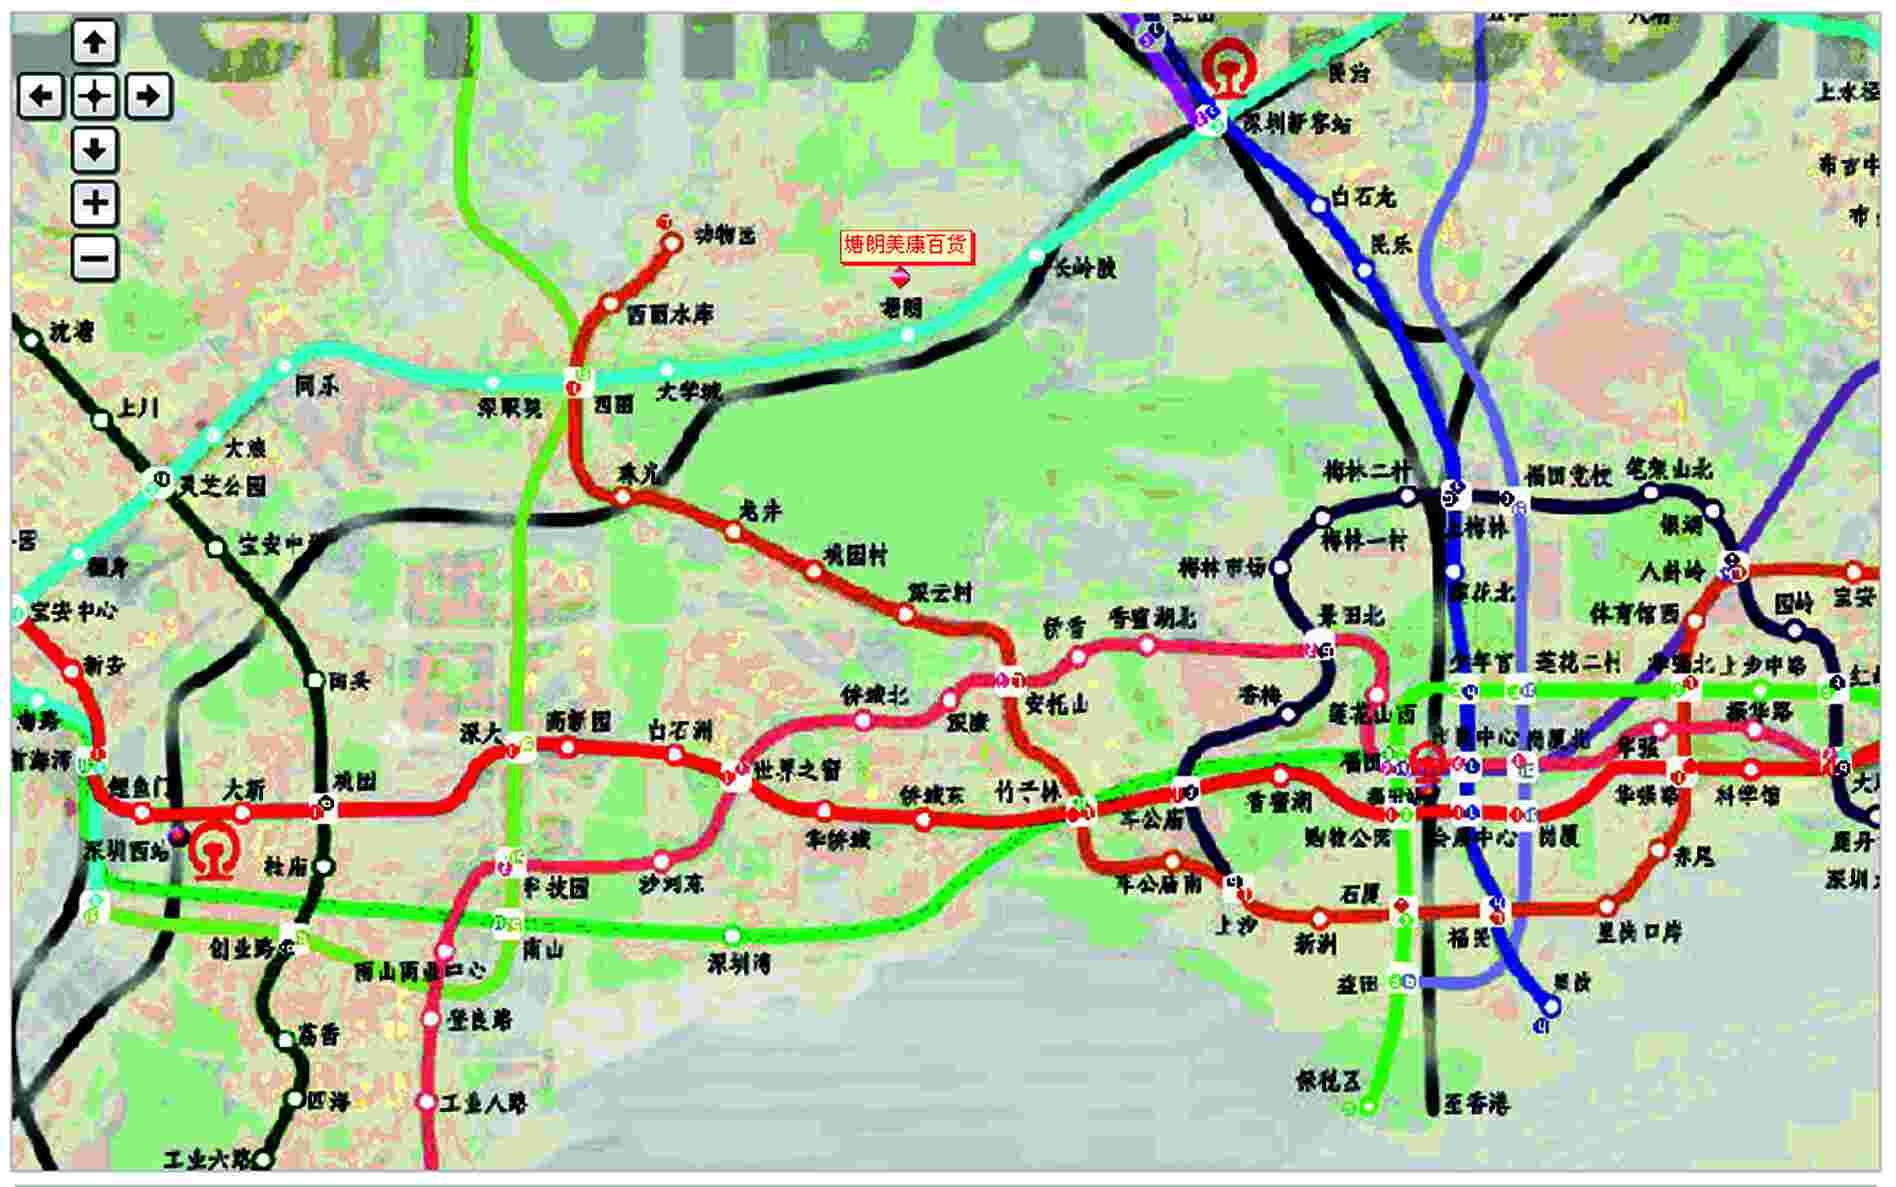 龙华轻轨规划图_地铁6号线规划图不去人口密集区却 ...